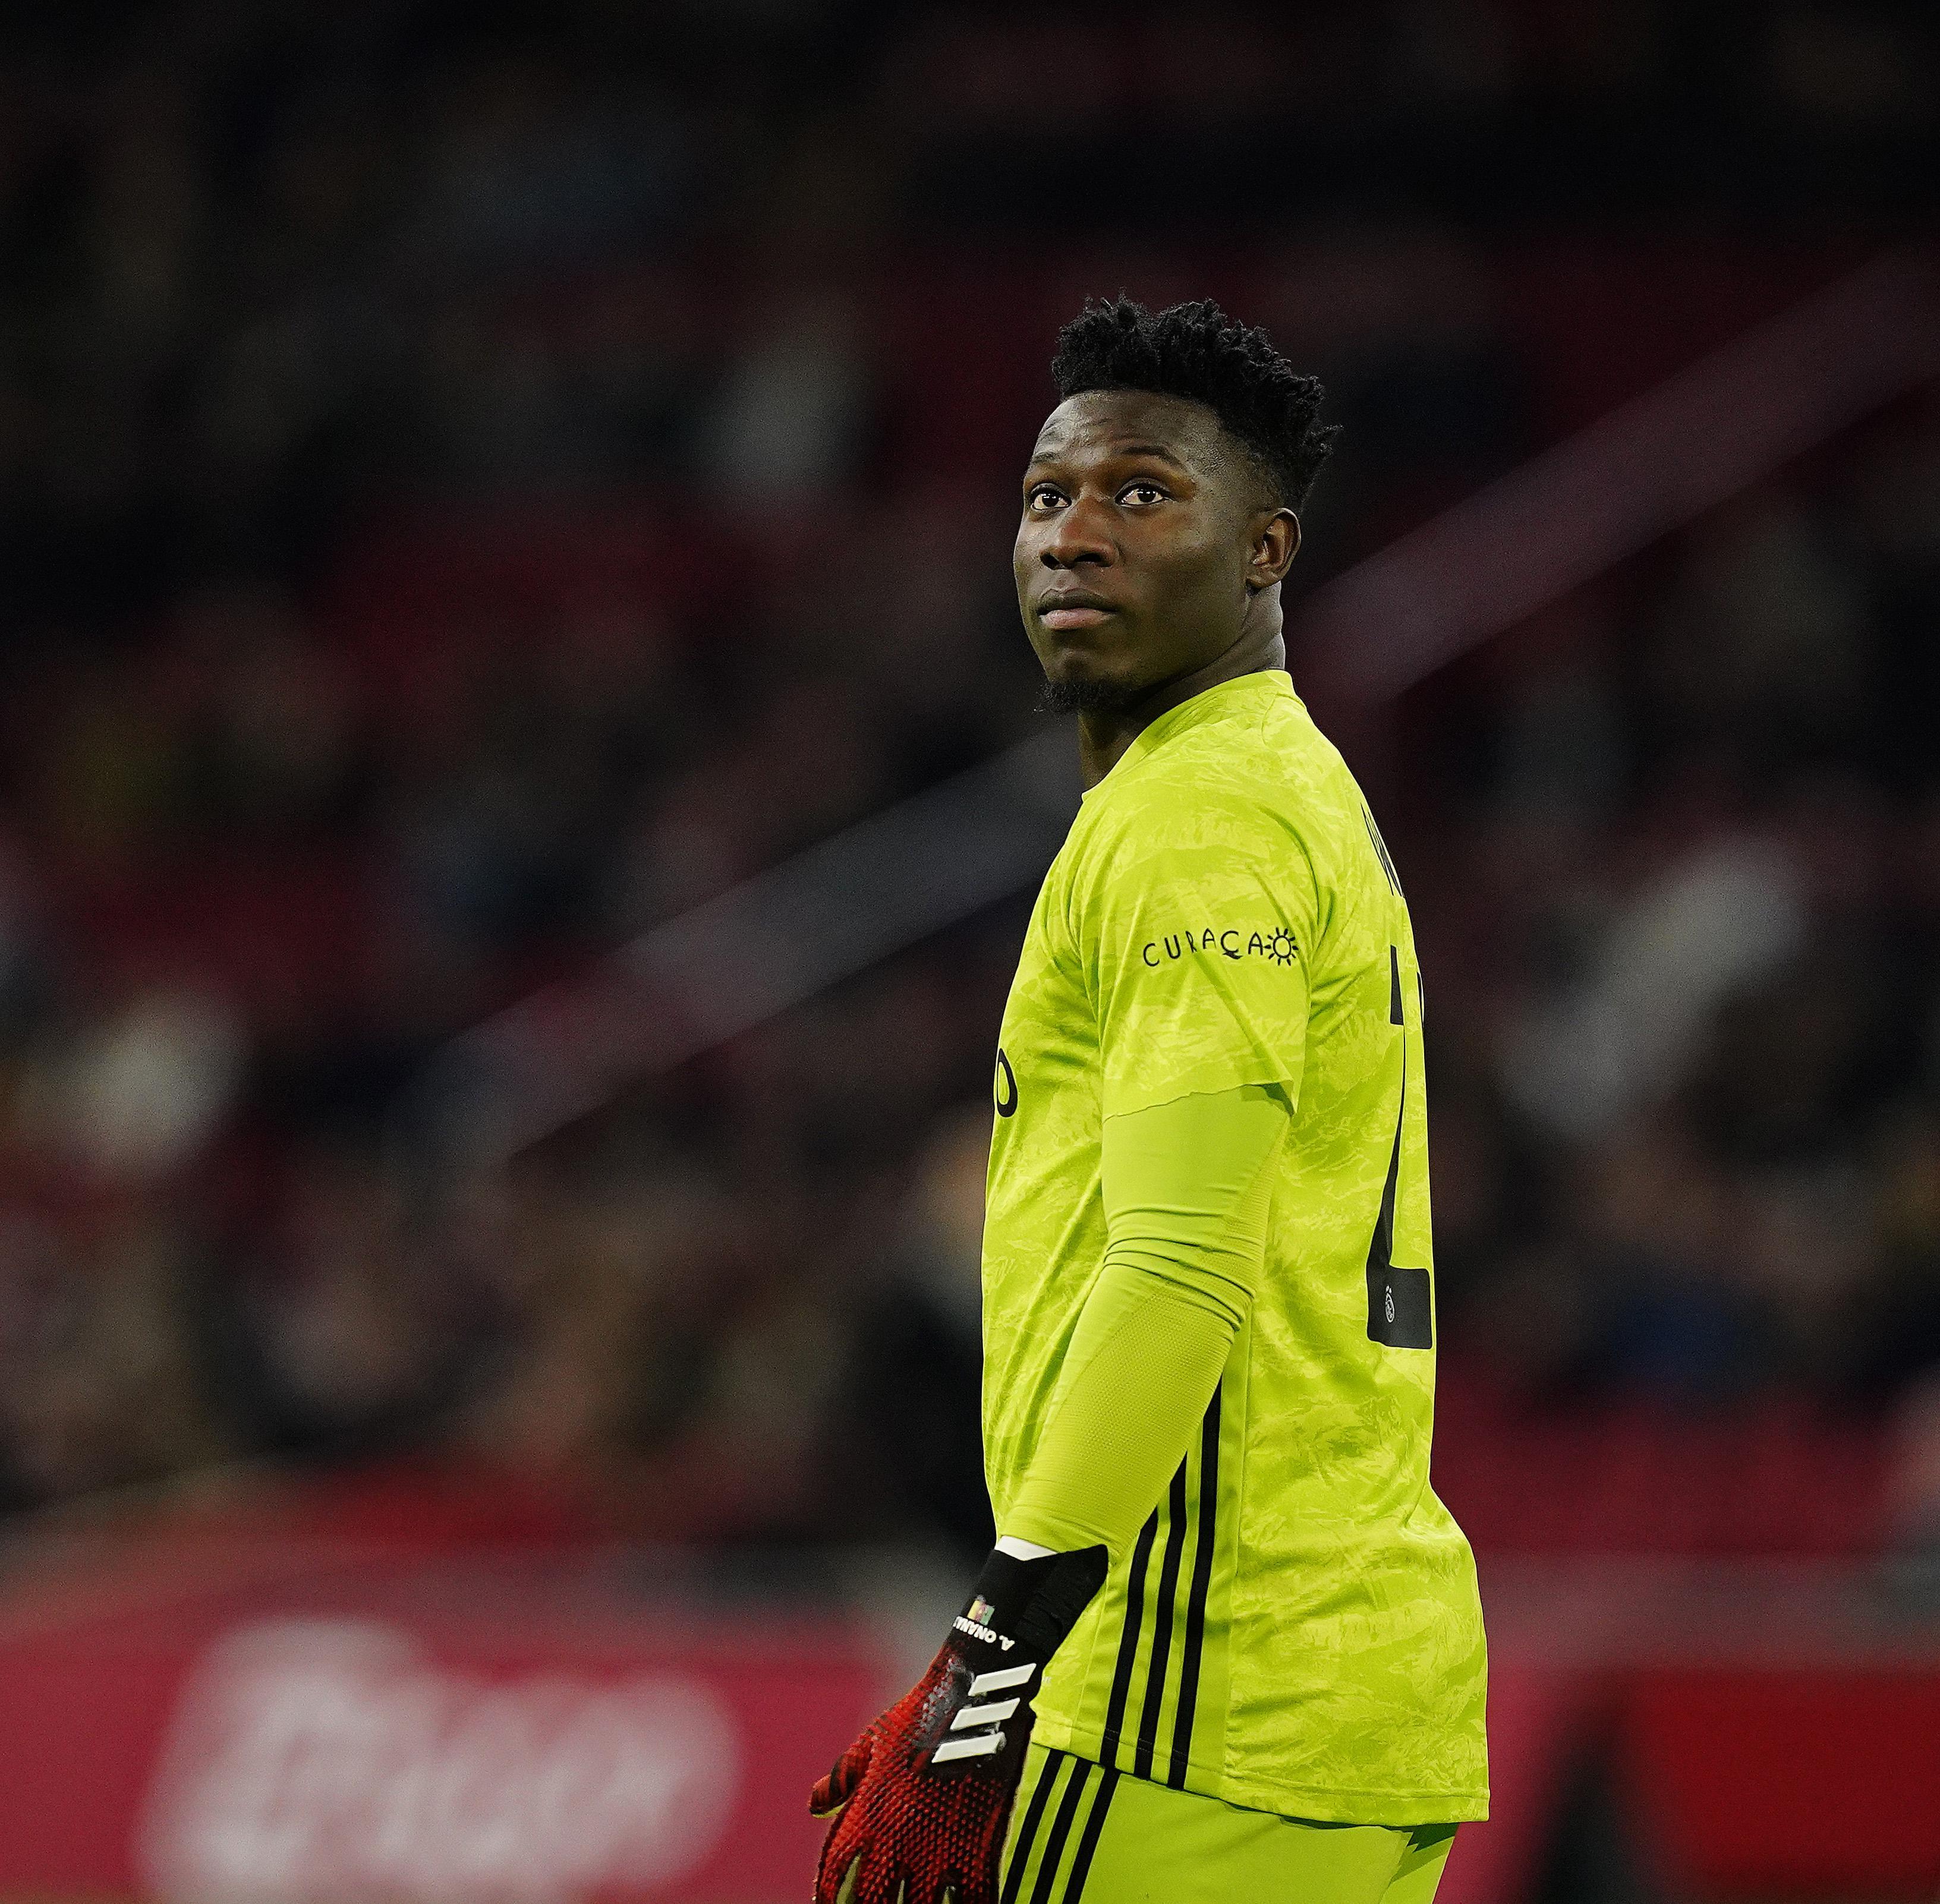 Ajax vraagt keeper Onana jaar langer te blijven en biedt beter contract aan